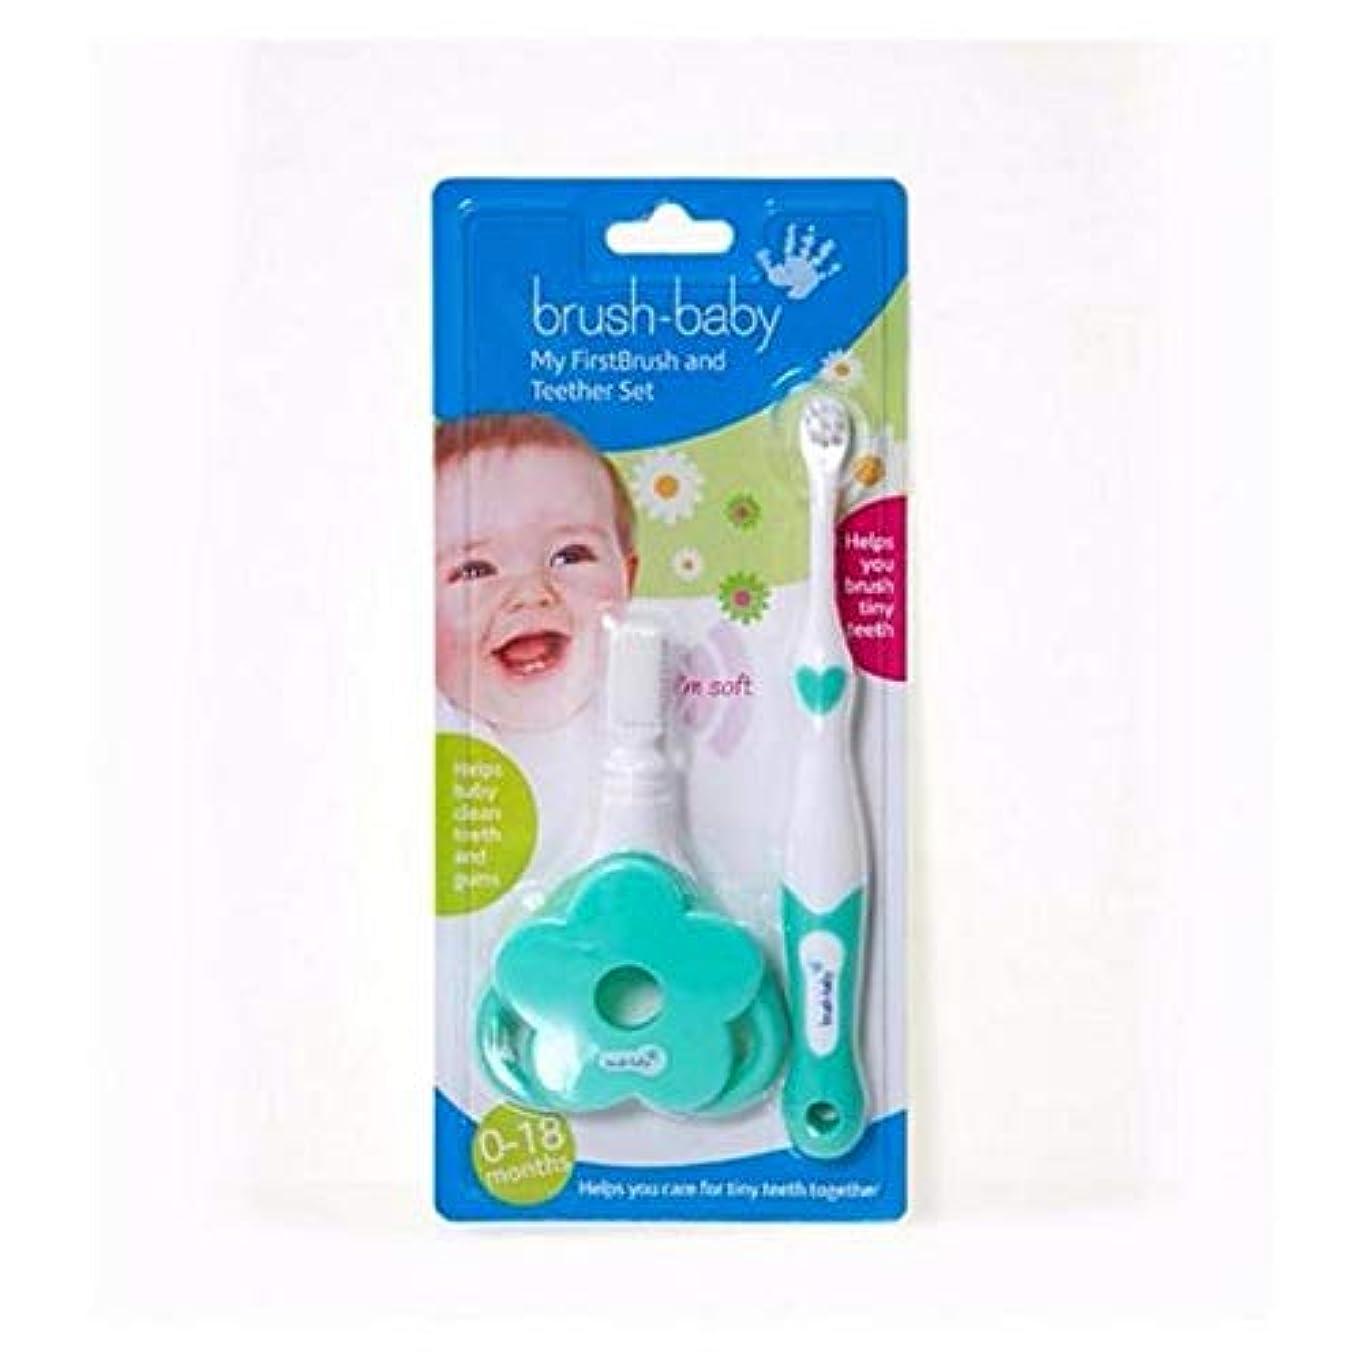 ぜいたくアーク汚れた[Brush-Baby ] ブラシ赤ちゃんが私のFirstbrush&おしゃぶりはパックごとに2を設定します - Brush-Baby My FirstBrush & Teether Set 2 per pack [並行輸入品]